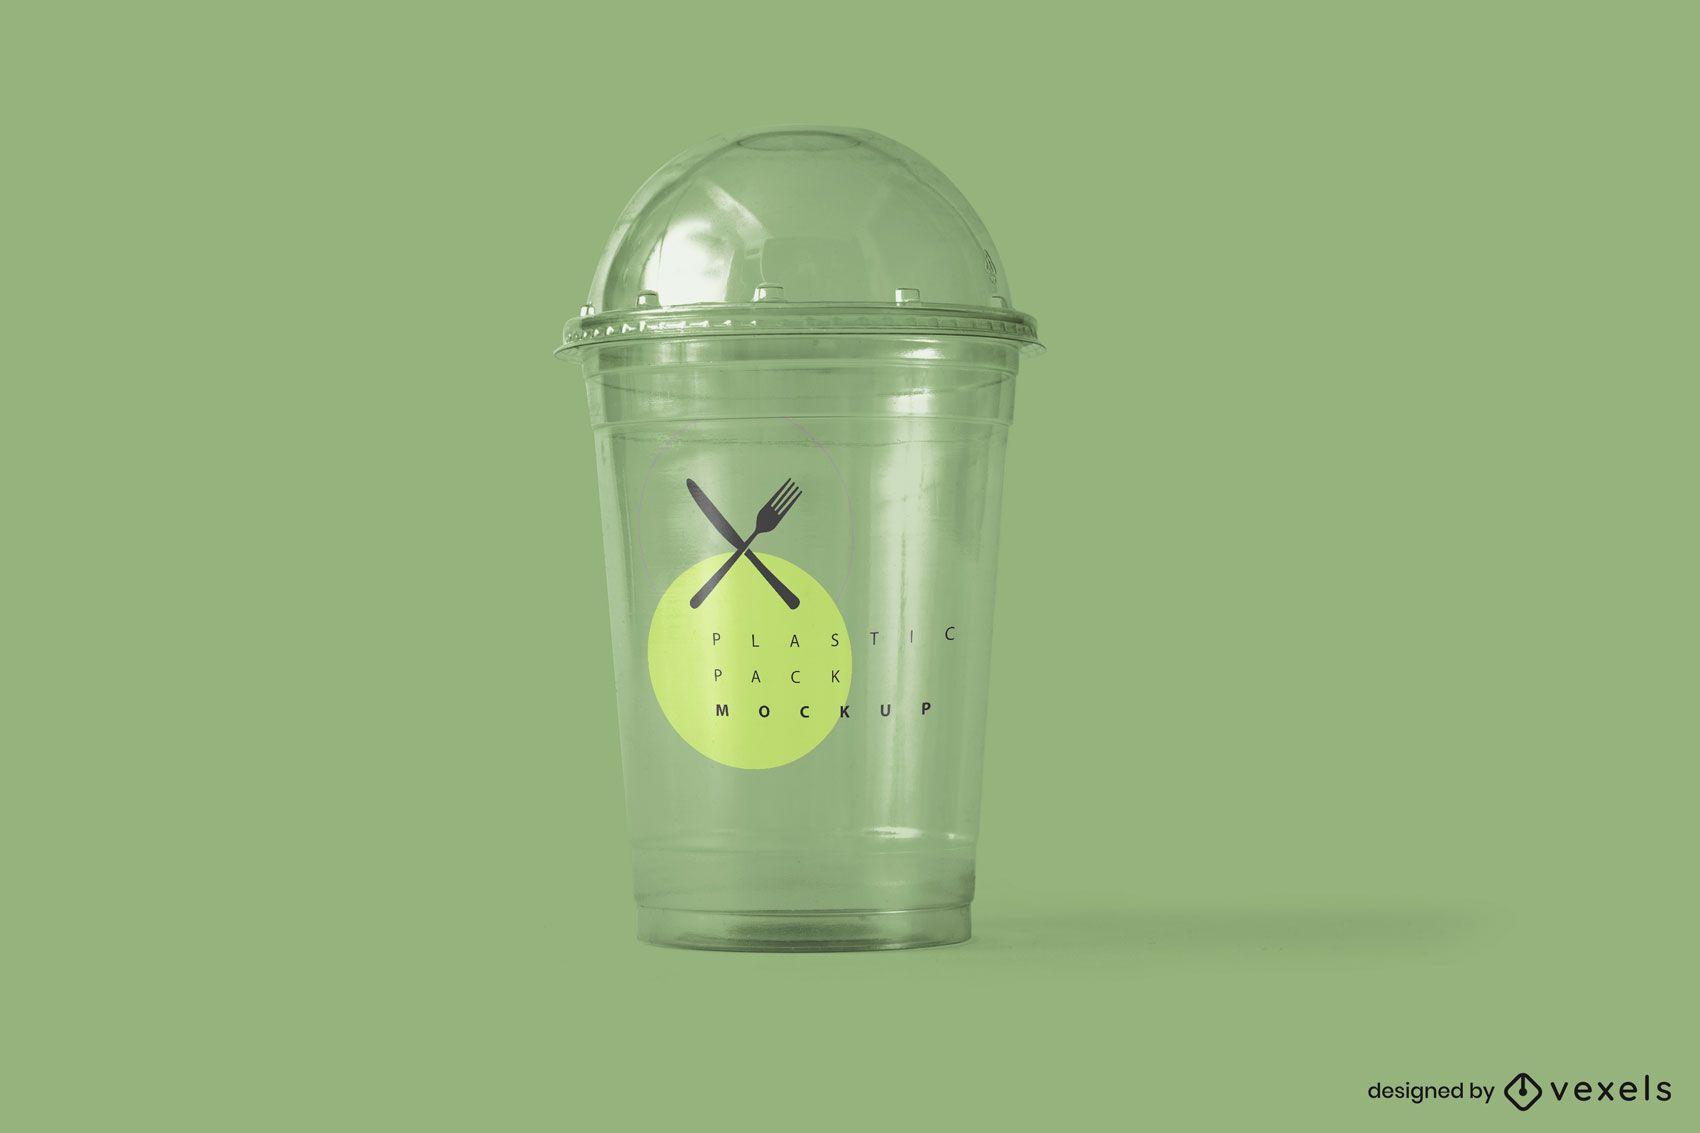 Diseño de maqueta de envases de vasos de plástico